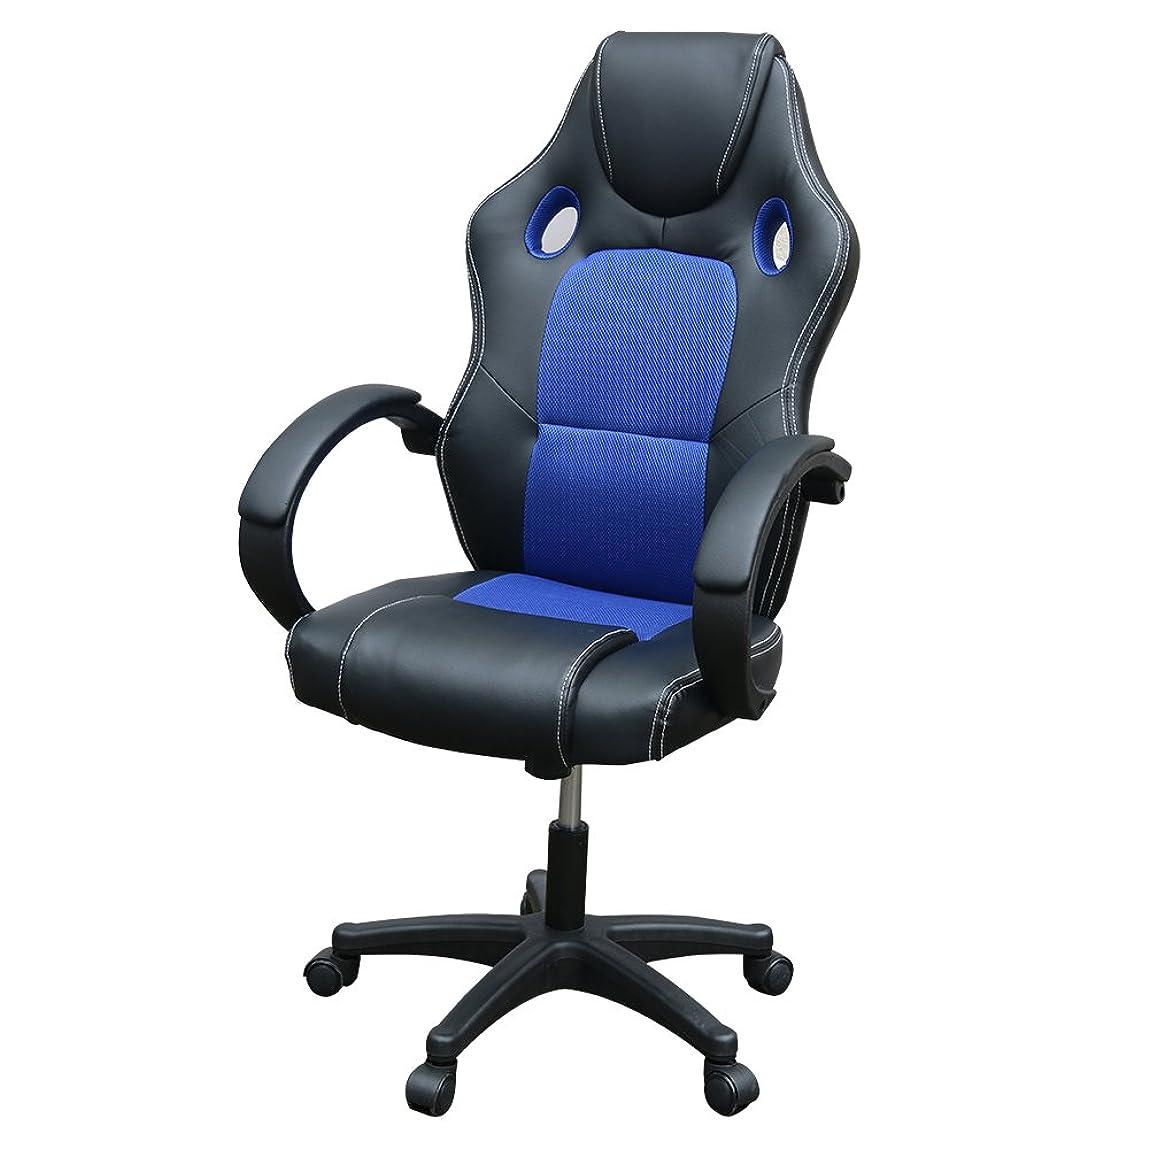 ウォルターカニンガムトレイディレクターPanana ゲーミングチェア ゲーム pcチェア 競技用メッシュ gaming chair 調整可能アームレスト パソコンチェア オフィスチェア s字カーブ ロッキング機能 高さ110.5~120x奥行き66.5(ブルー)